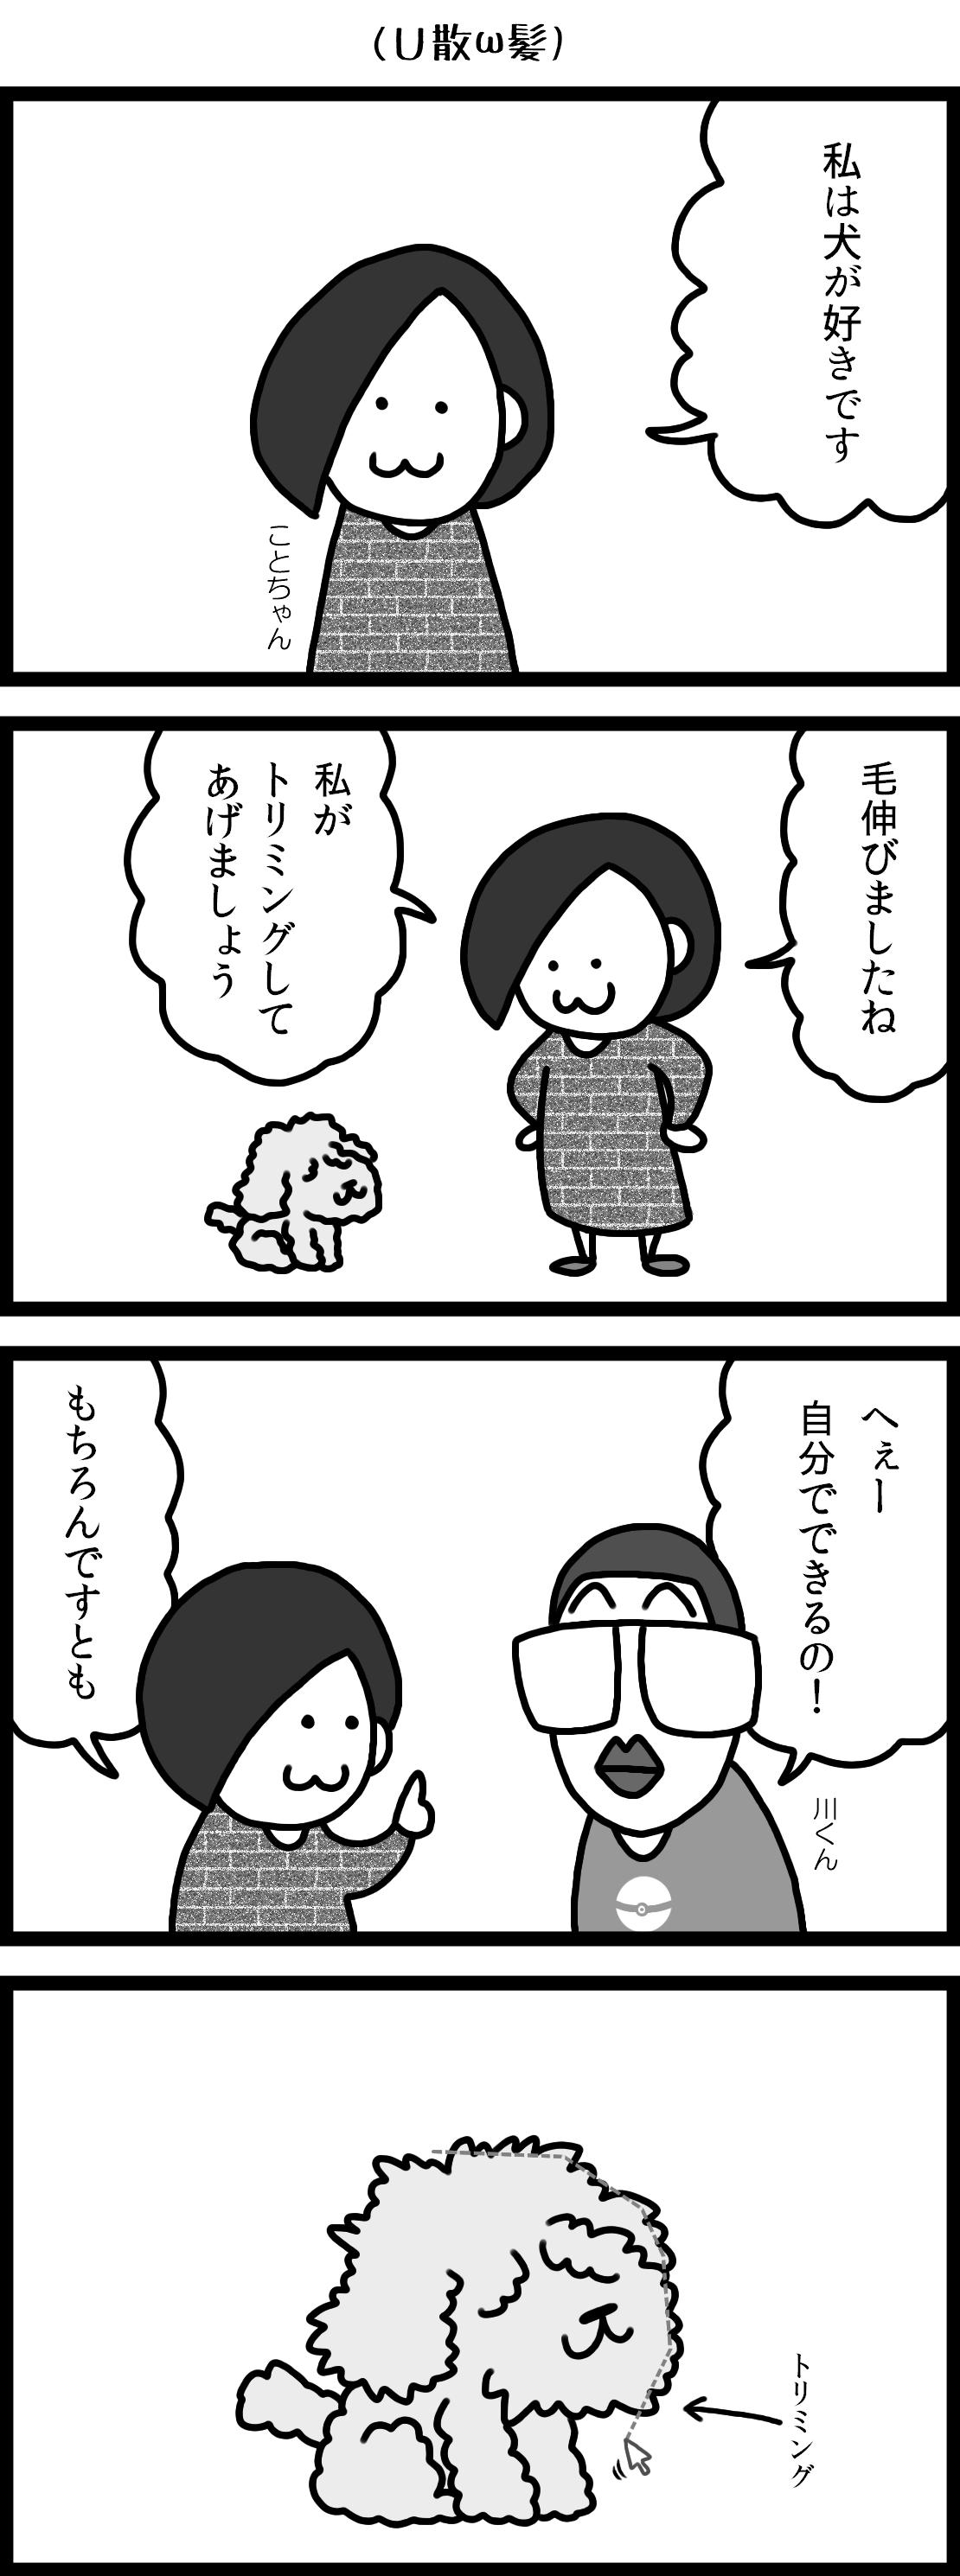 (∪散ω髪)